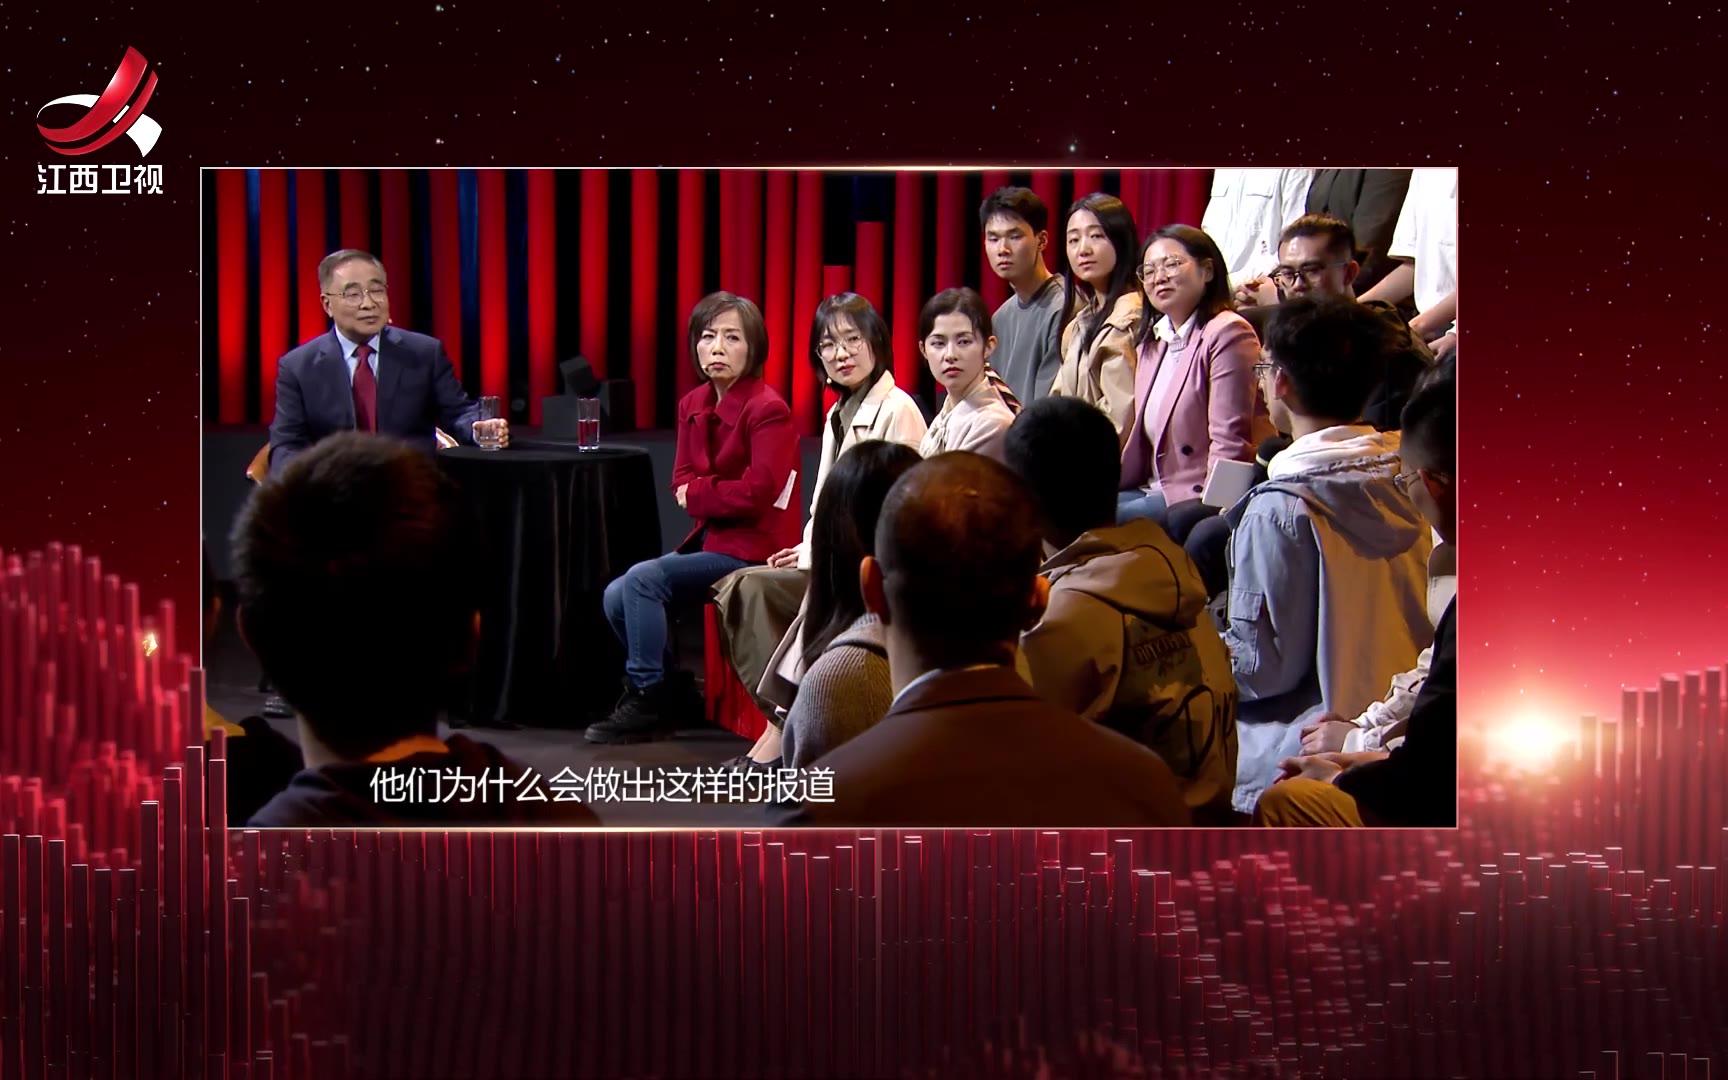 张伯礼:台湾用了大陆的疫苗,台湾还怎么骂大陆呢!【预告·中国大思政·09】